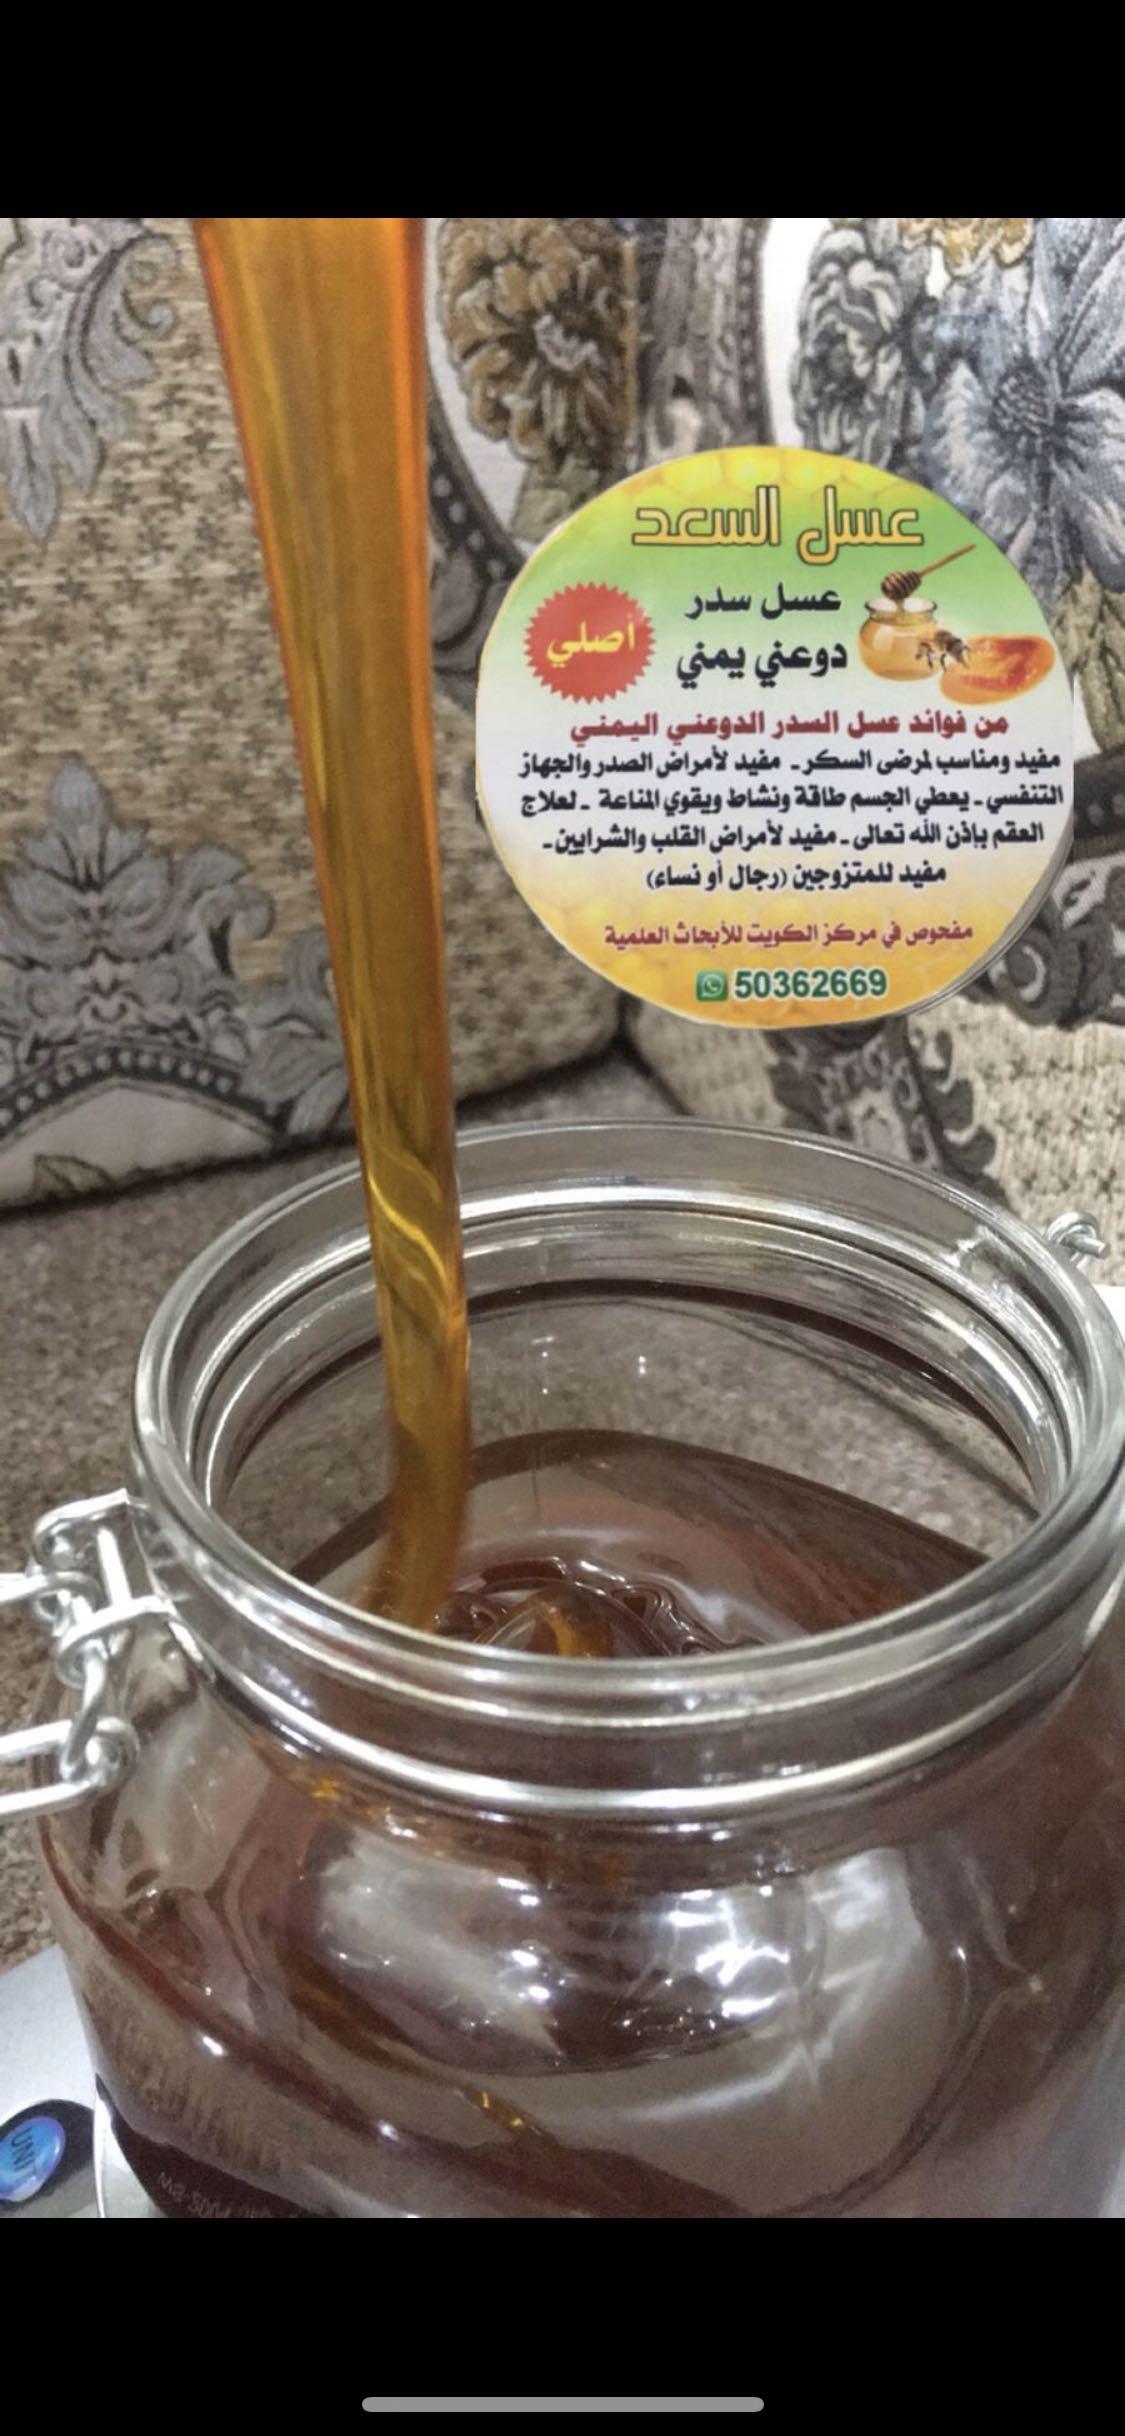 للبيع عسل دوعني يمني